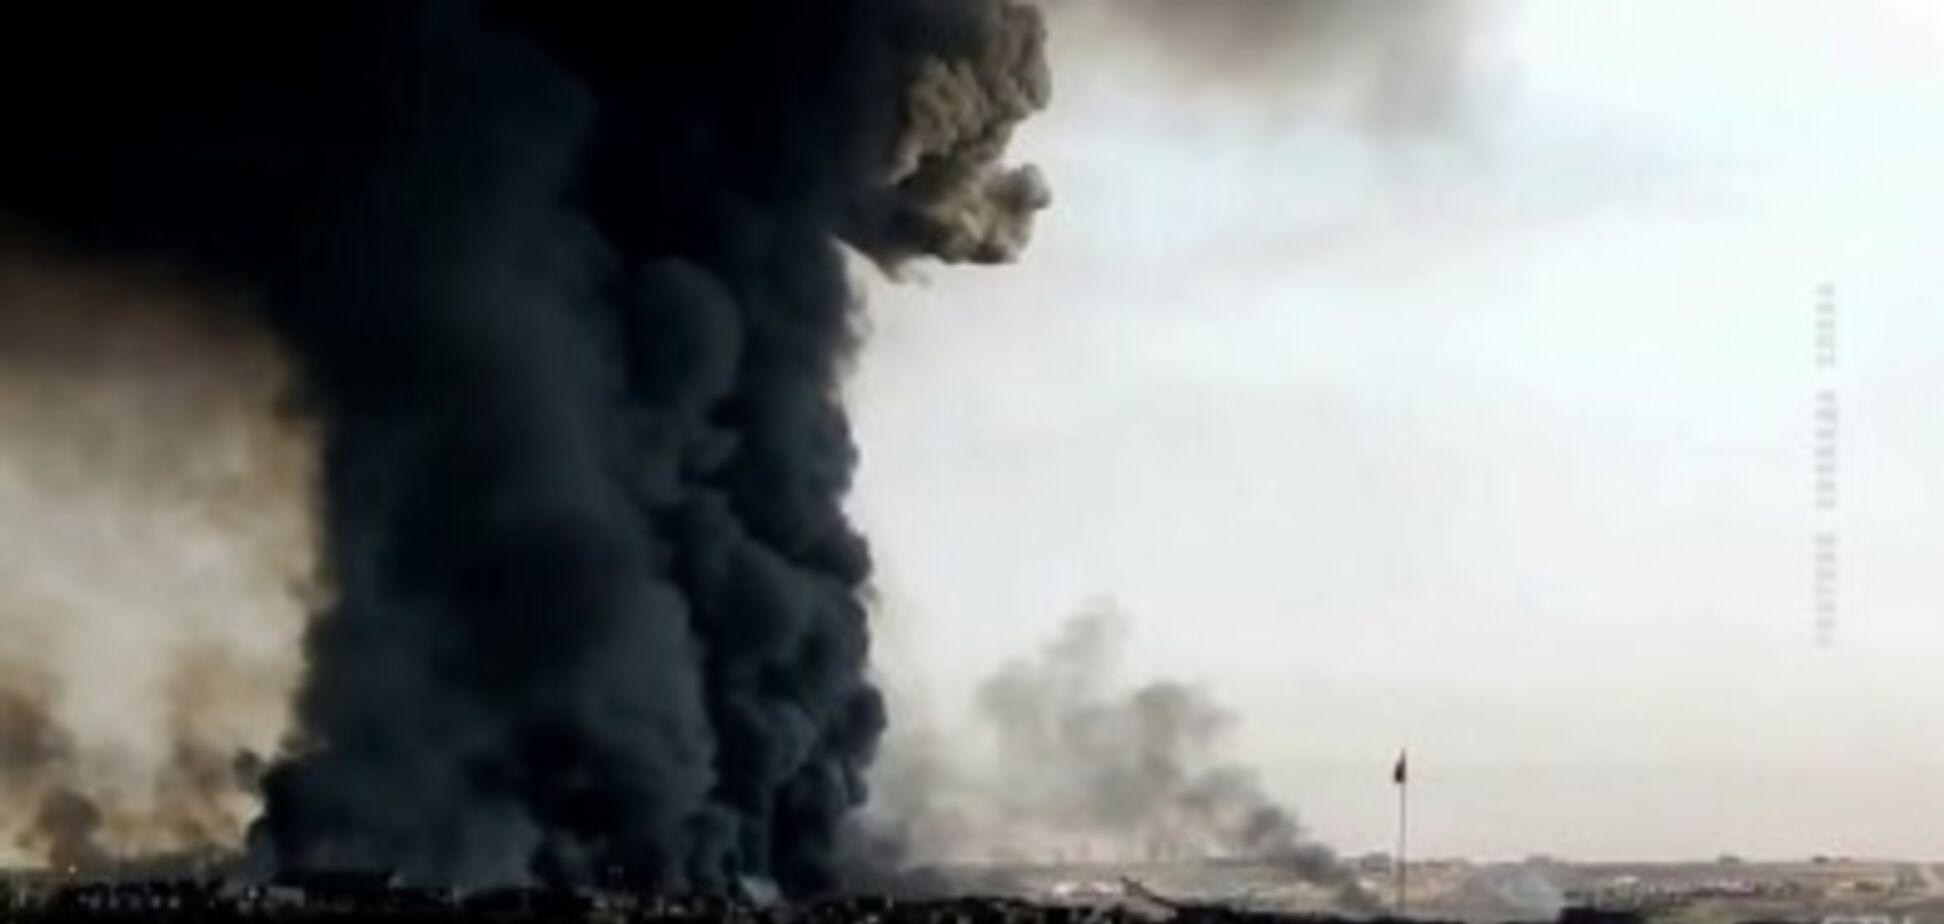 Секретный отчет по Северодвинску: взорвался ядерный реактор, как в Чернобыле